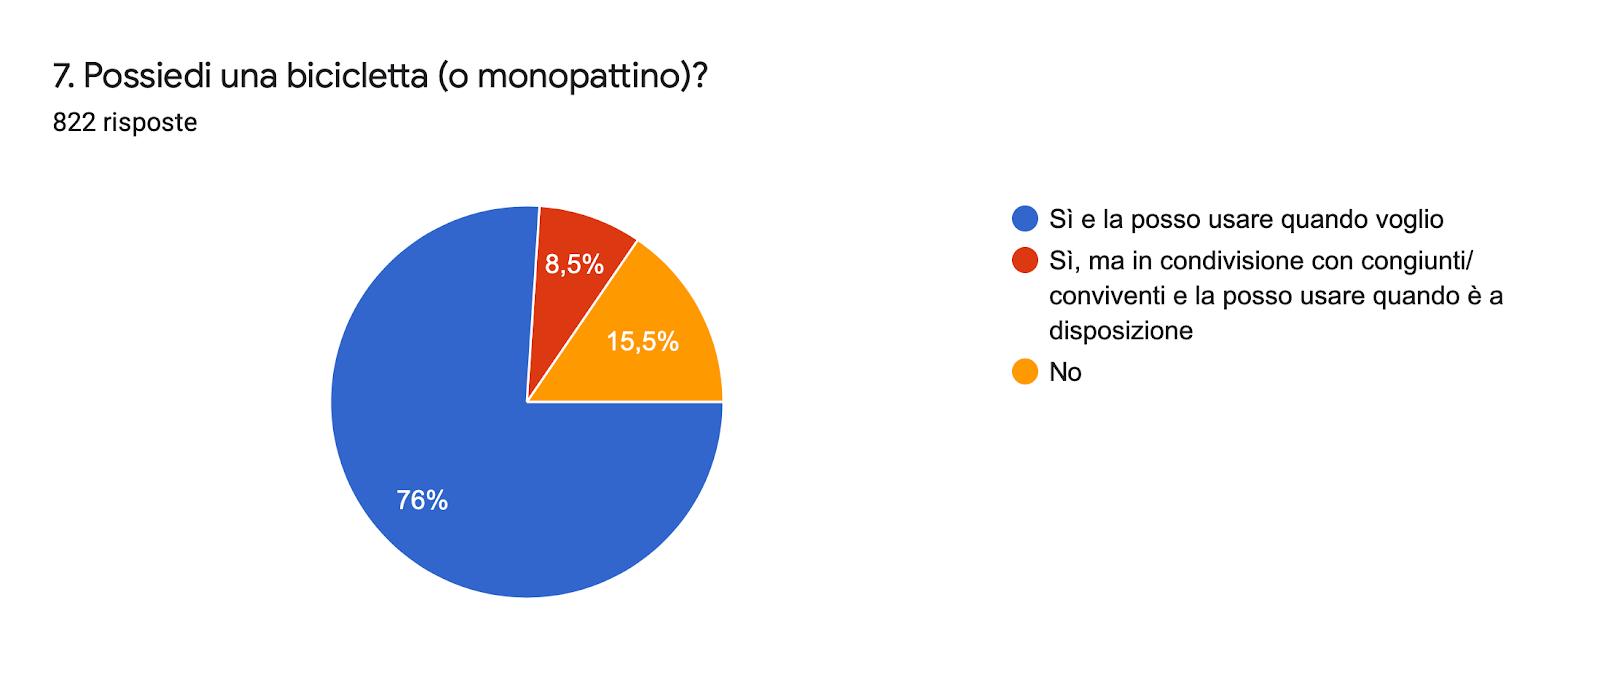 Grafico delle risposte di Moduli. Titolo della domanda: 7. Possiedi una bicicletta (o monopattino)?. Numero di risposte: 822 risposte.